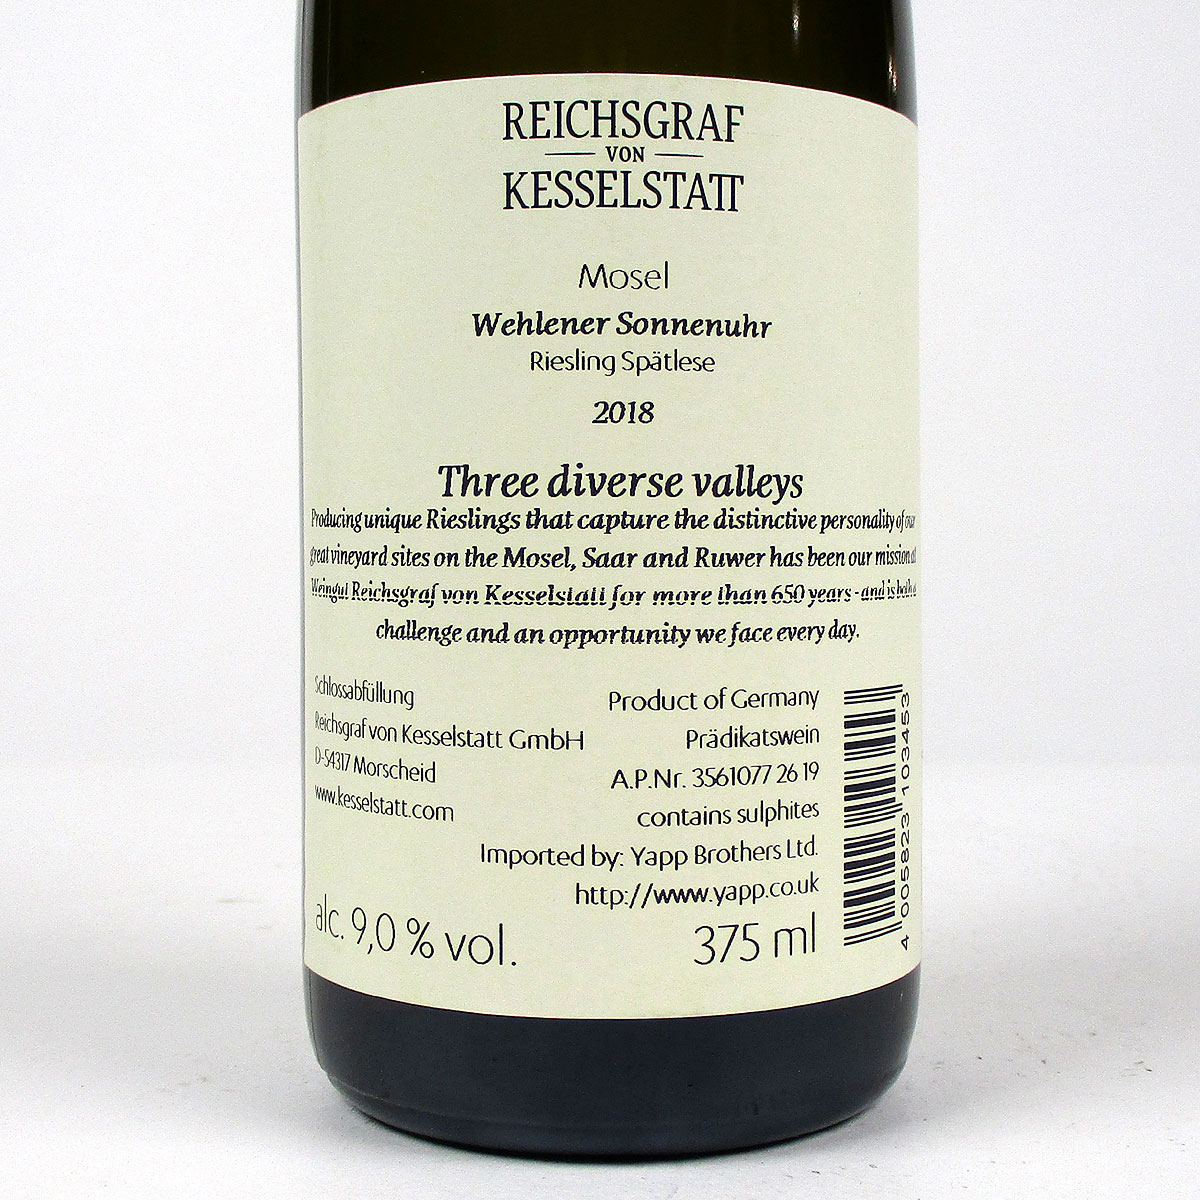 Mosel: Reichsgraf von Kesselstatt Wehlener Sonnenuhr Spätlese 2018 - Bottle Rear Label